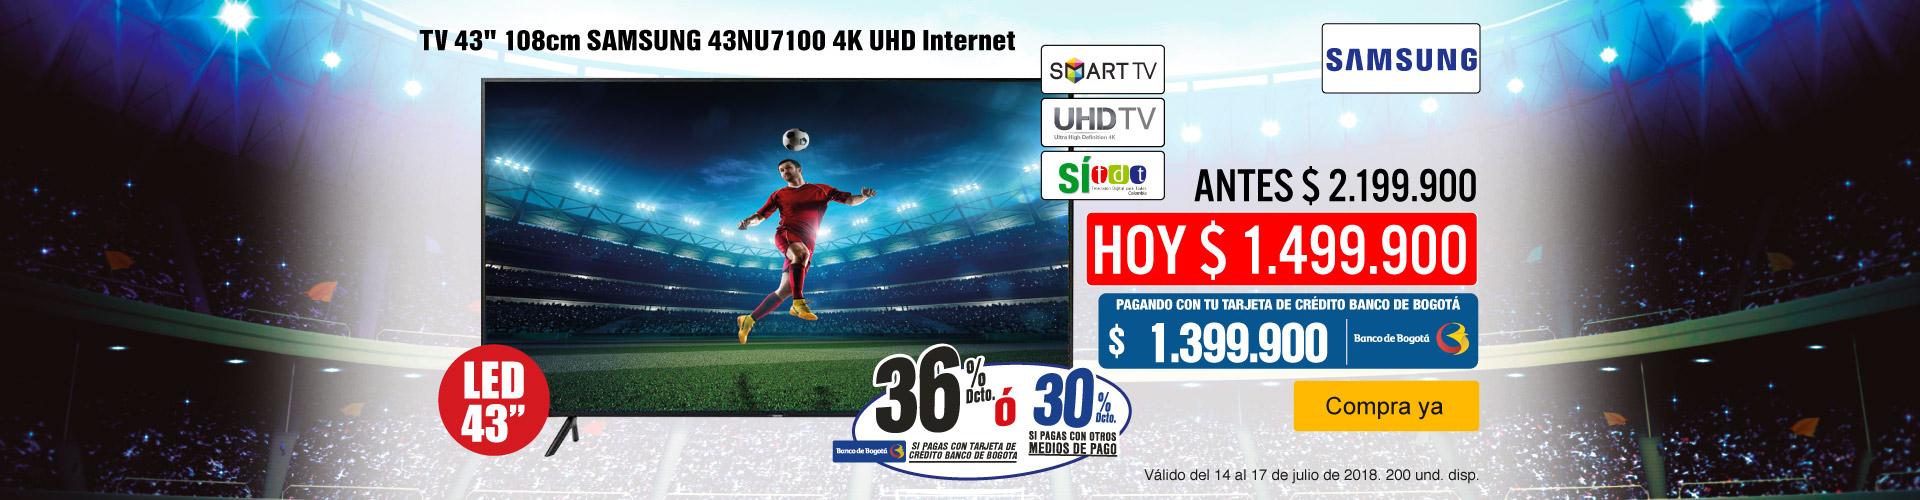 KT-PPAL-5-TV-PP---Samsung-43NU7100-Jul13